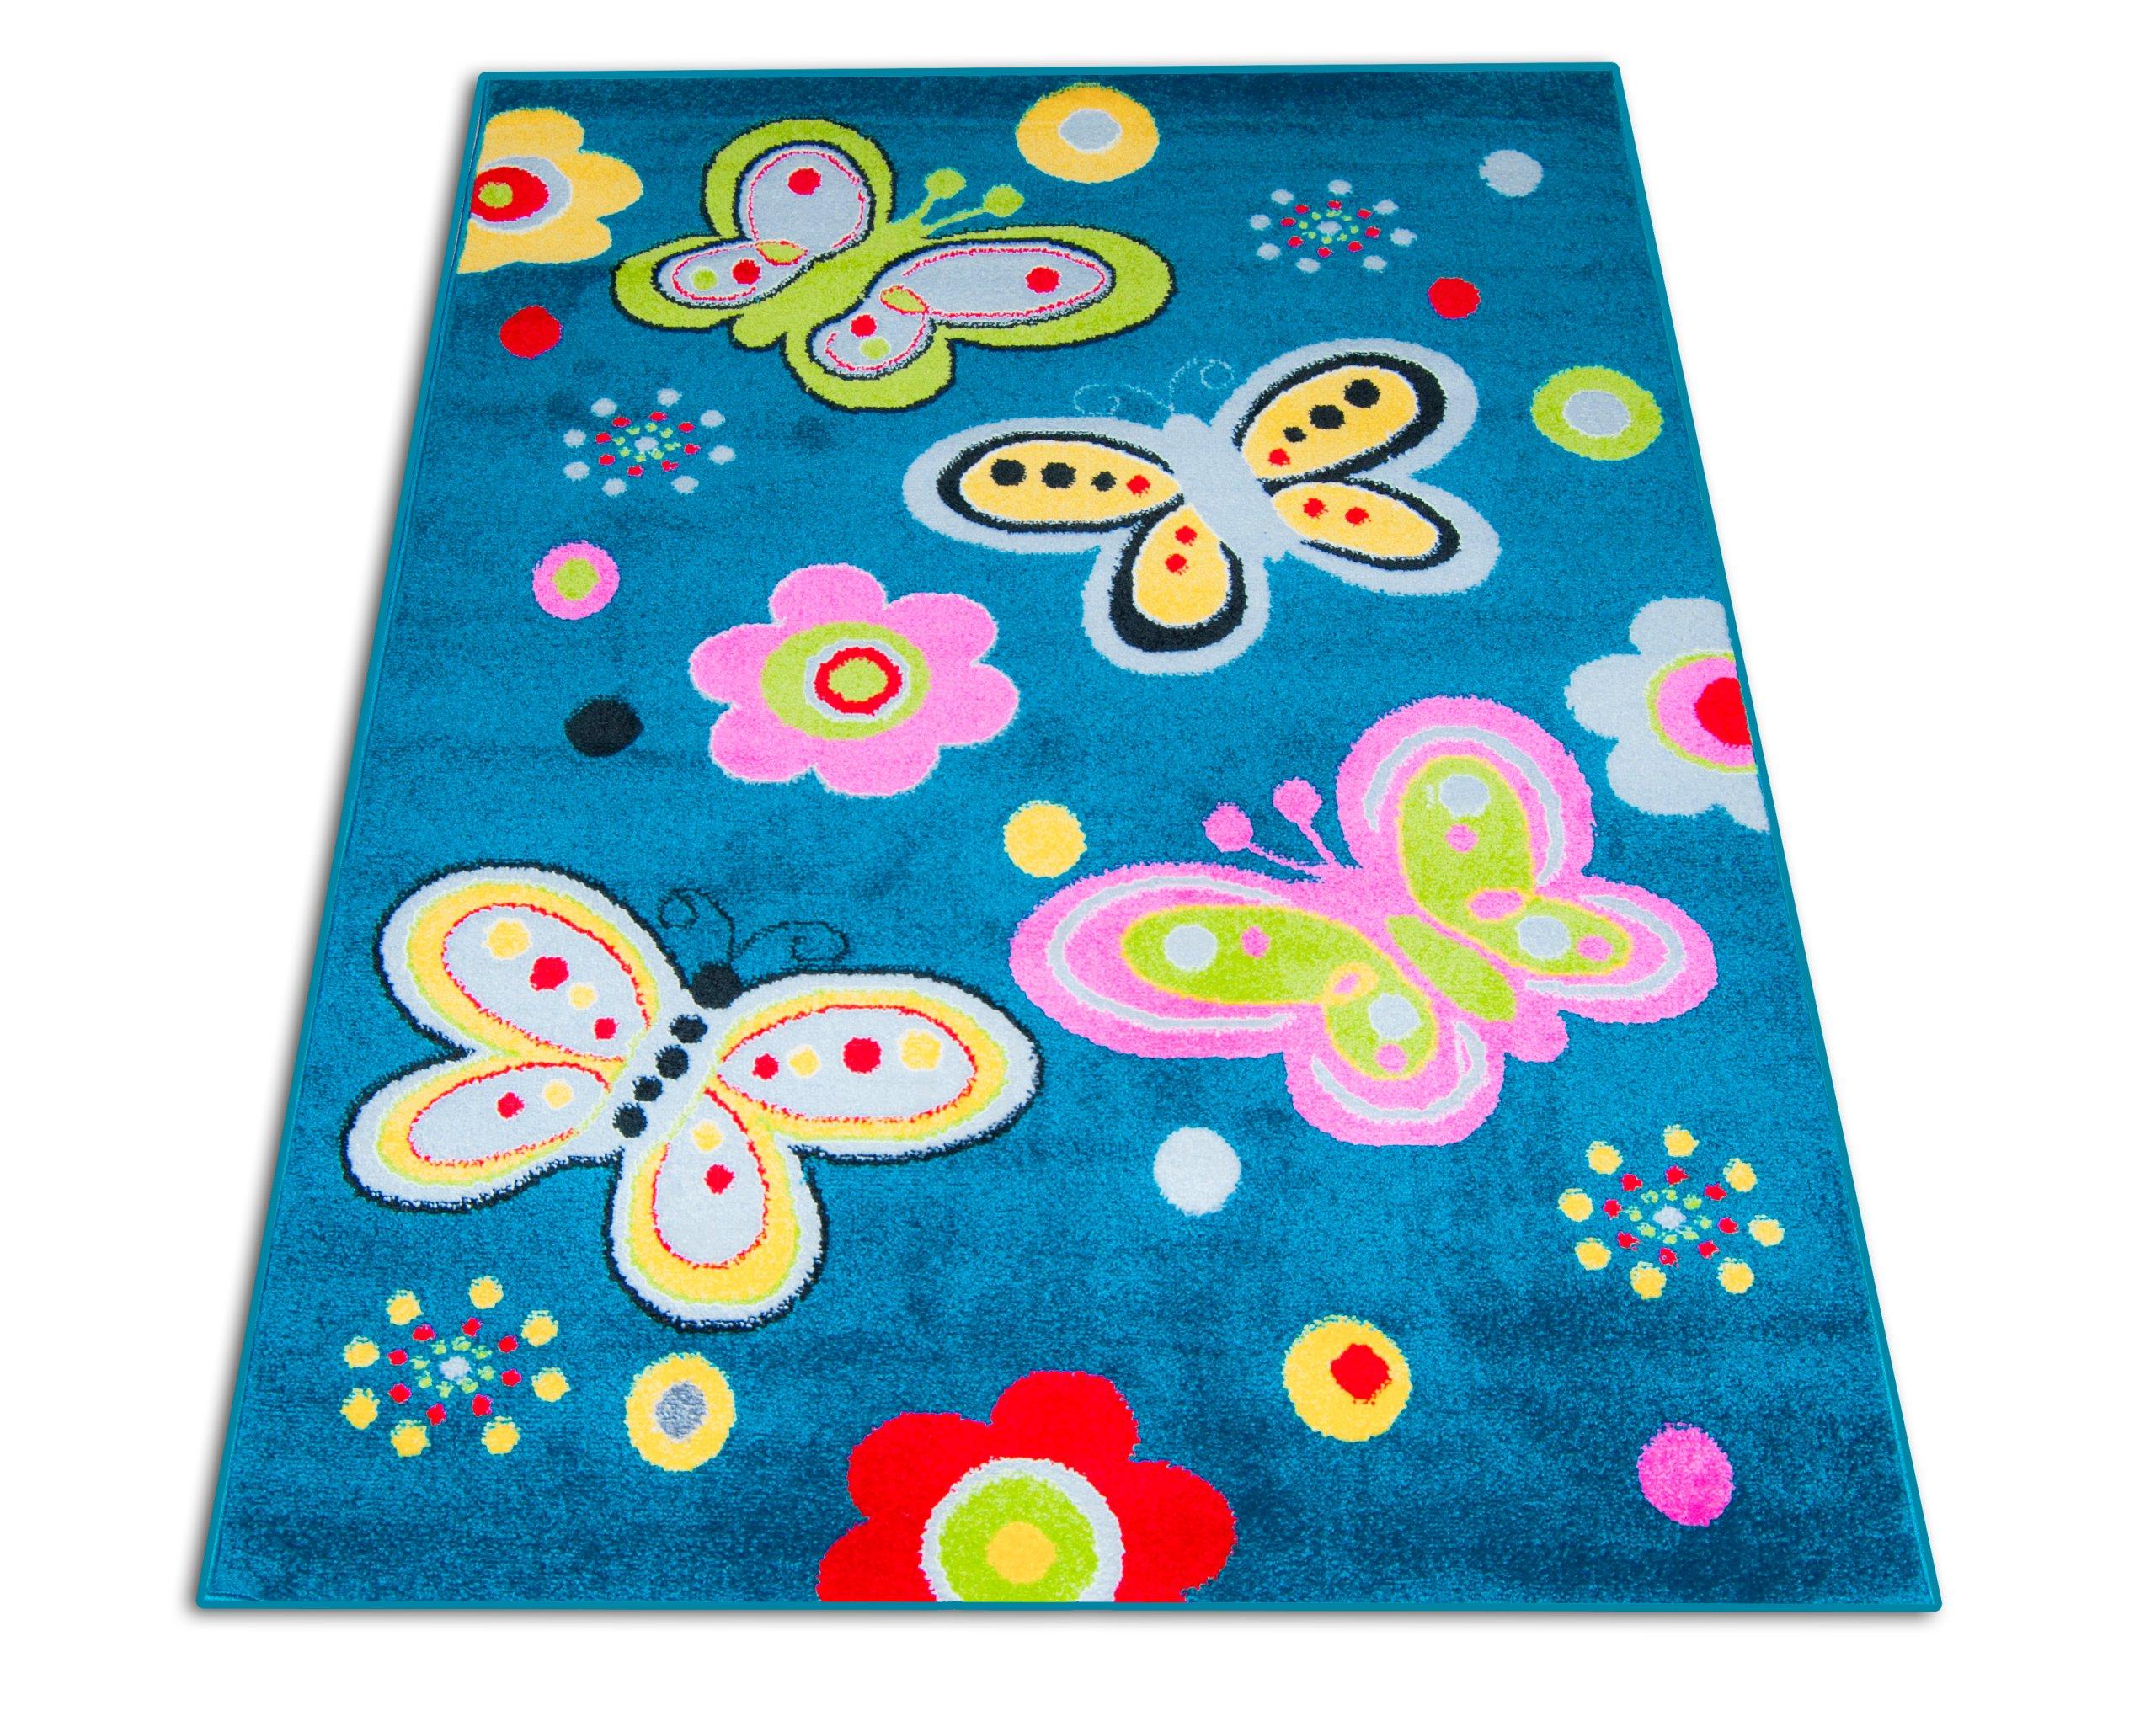 Dywan Dziecięcy Motylki 120x170 Tanie Dywany Kids